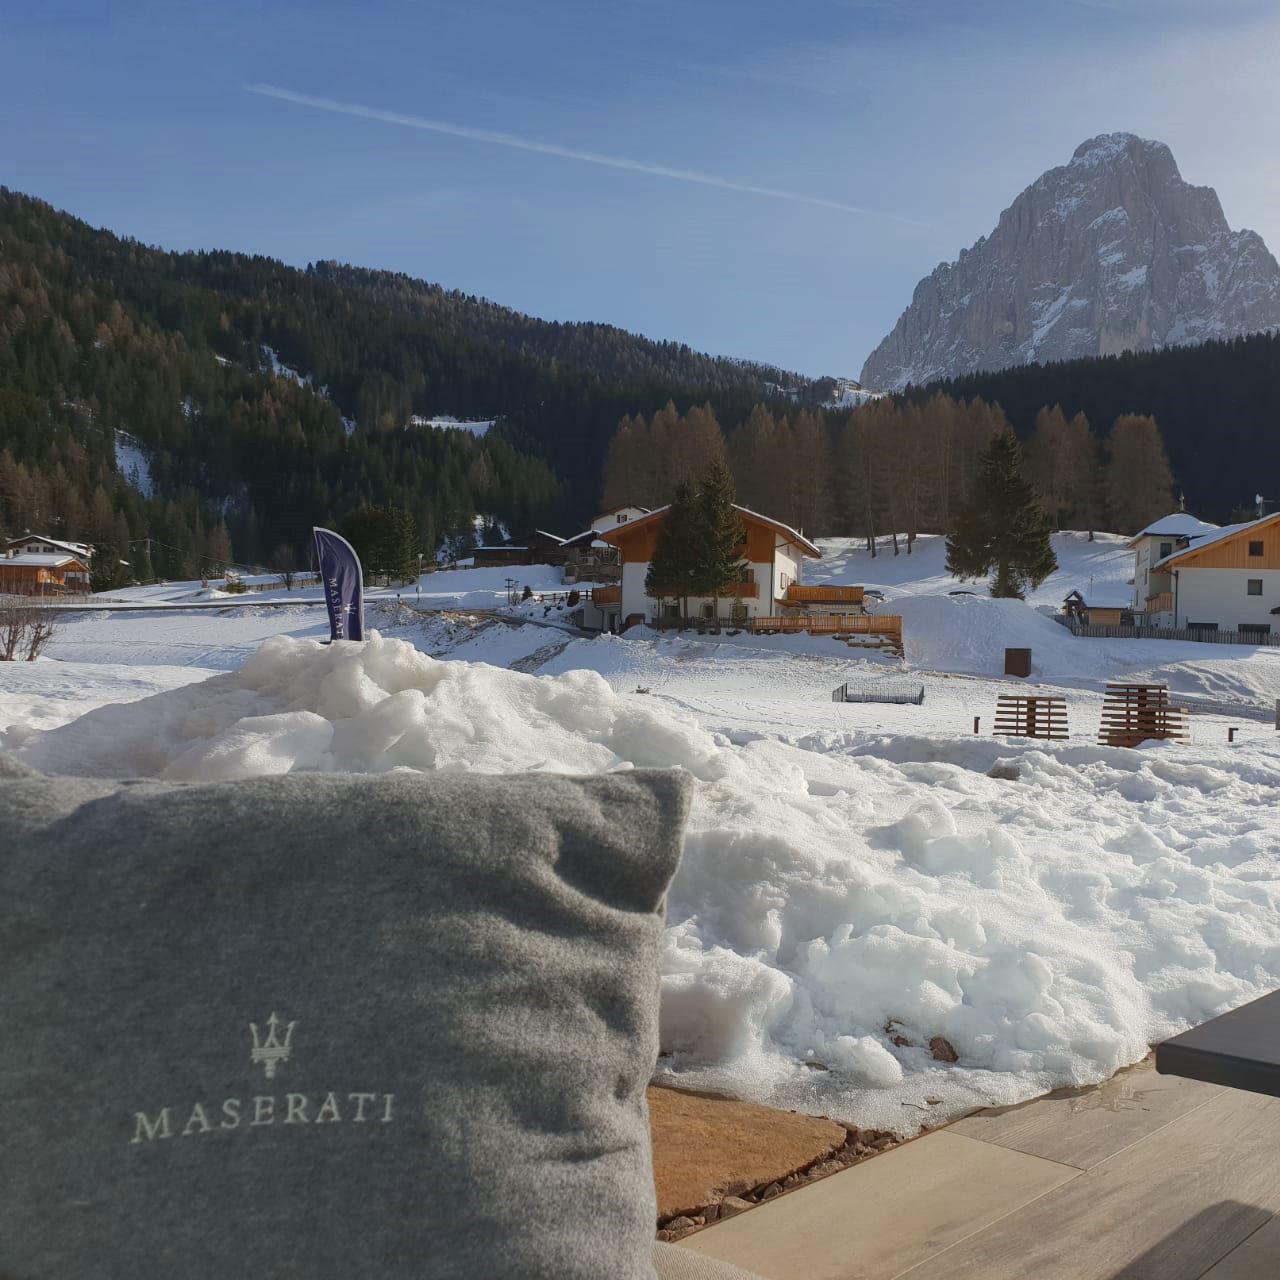 Maserati Winter Experience 2019 - Accessori Maserati